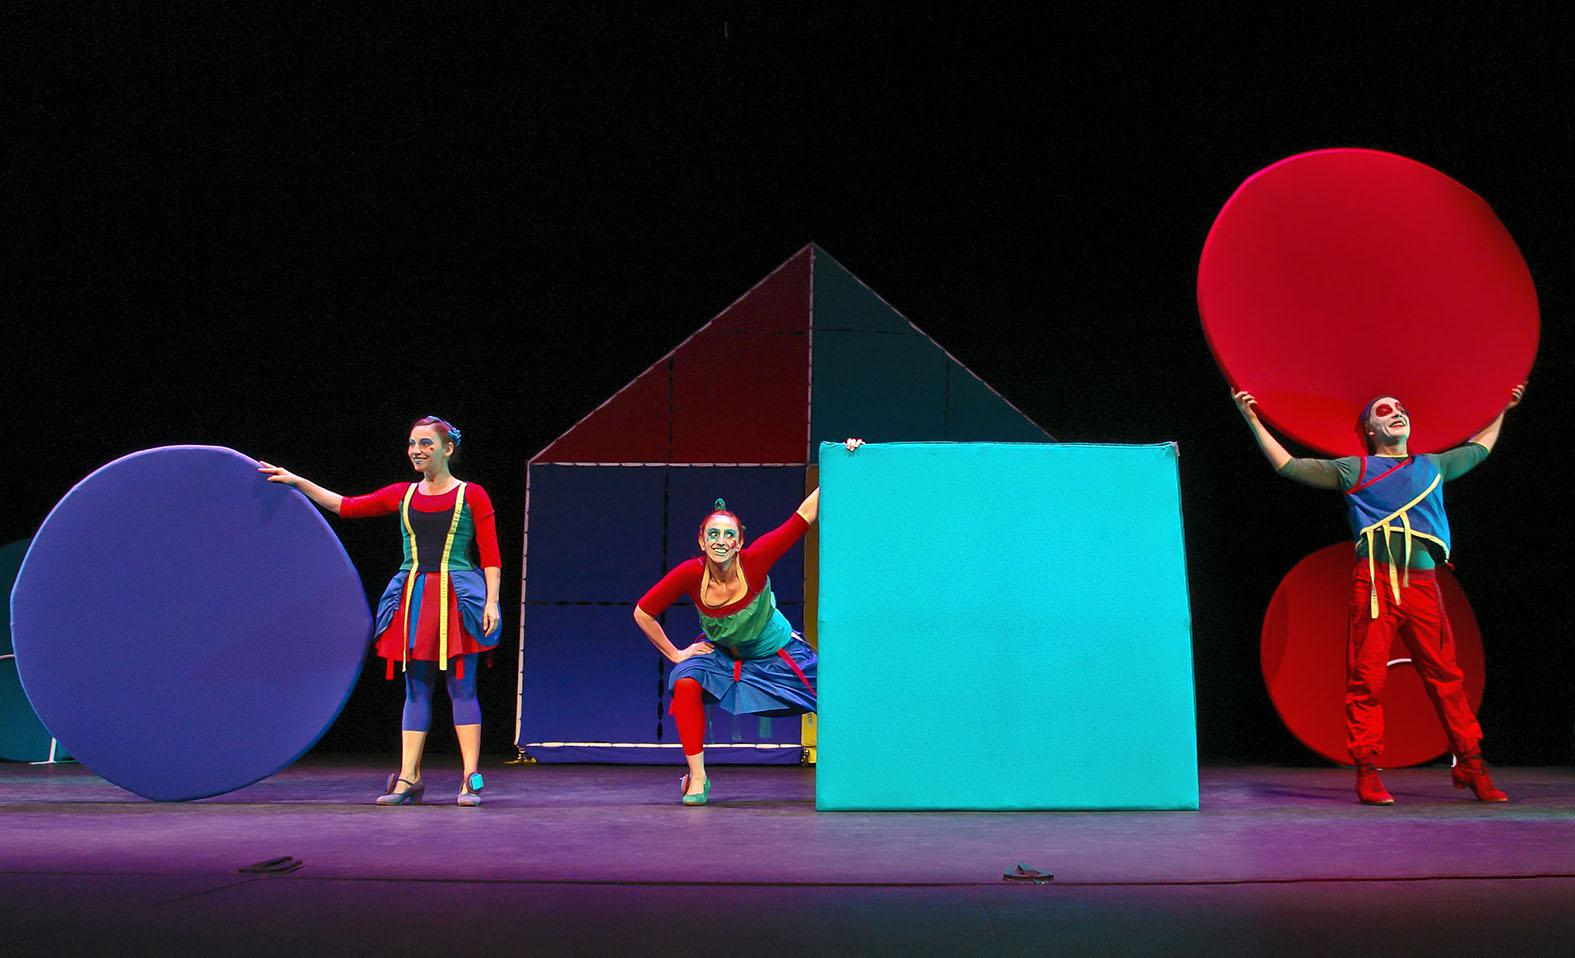 Una historia de tolerancia y flamenco para niños y niñas en 'Por Unos Pasitos de Ná', este sábado en el Teatro Apolo